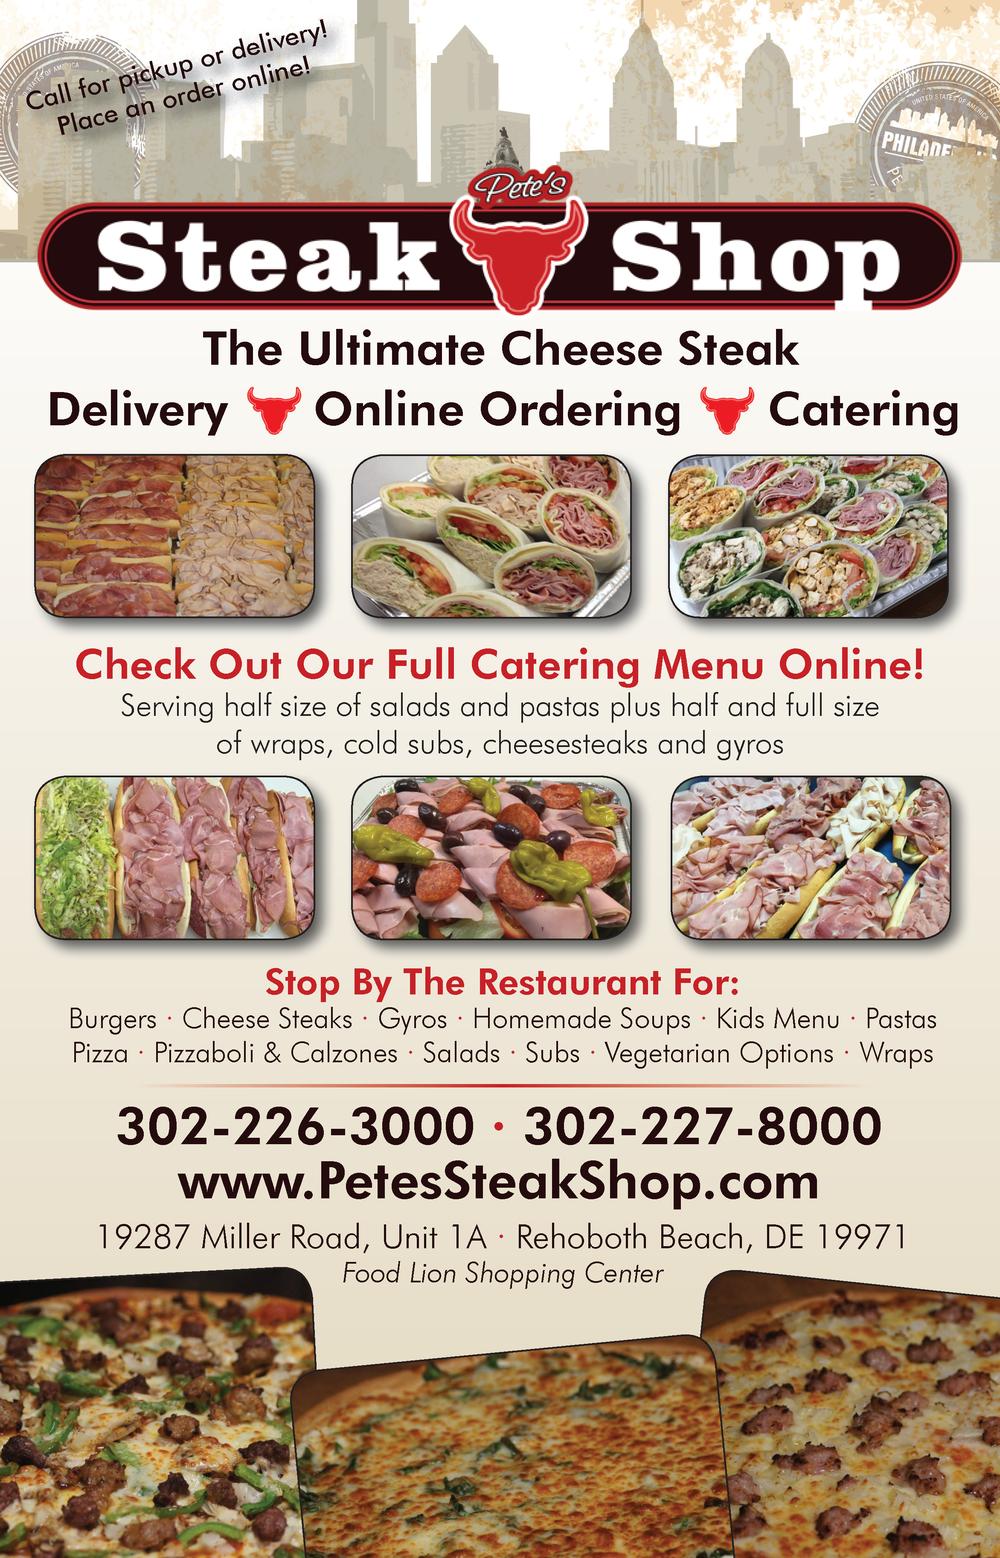 Pete's Steak Shop